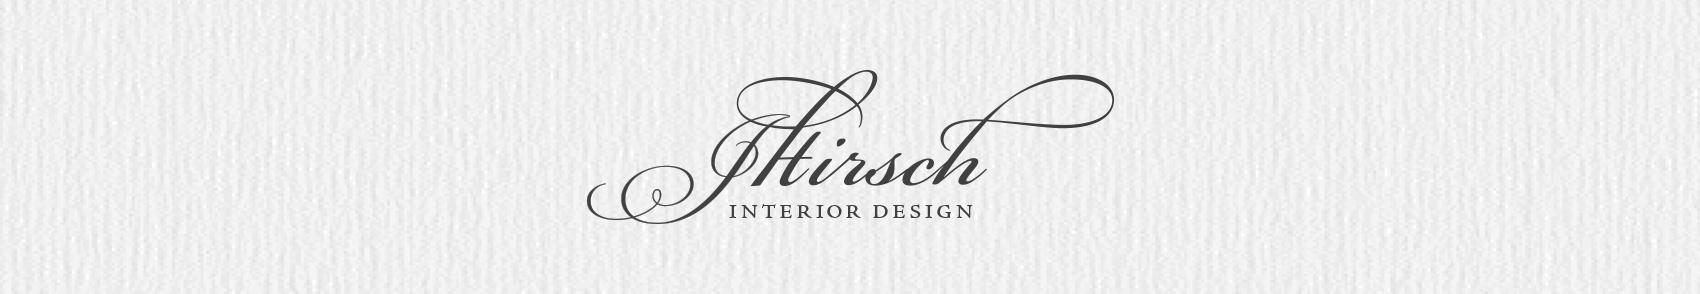 JHirsch Interior Design